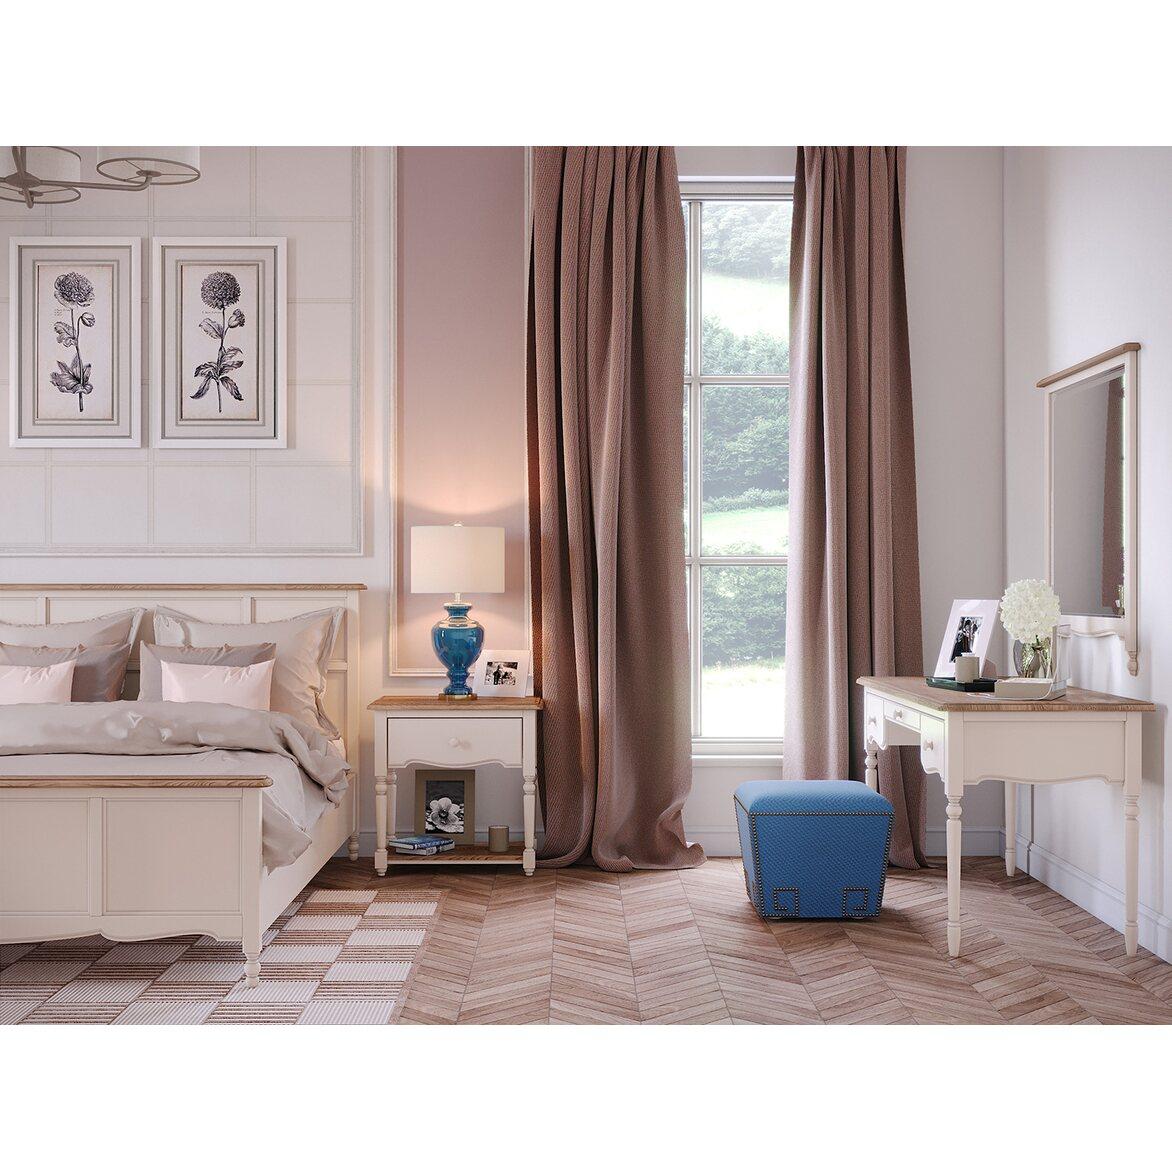 Кровать Leblanc, двуспальная, бежевая 3 | Двуспальные кровати Kingsby